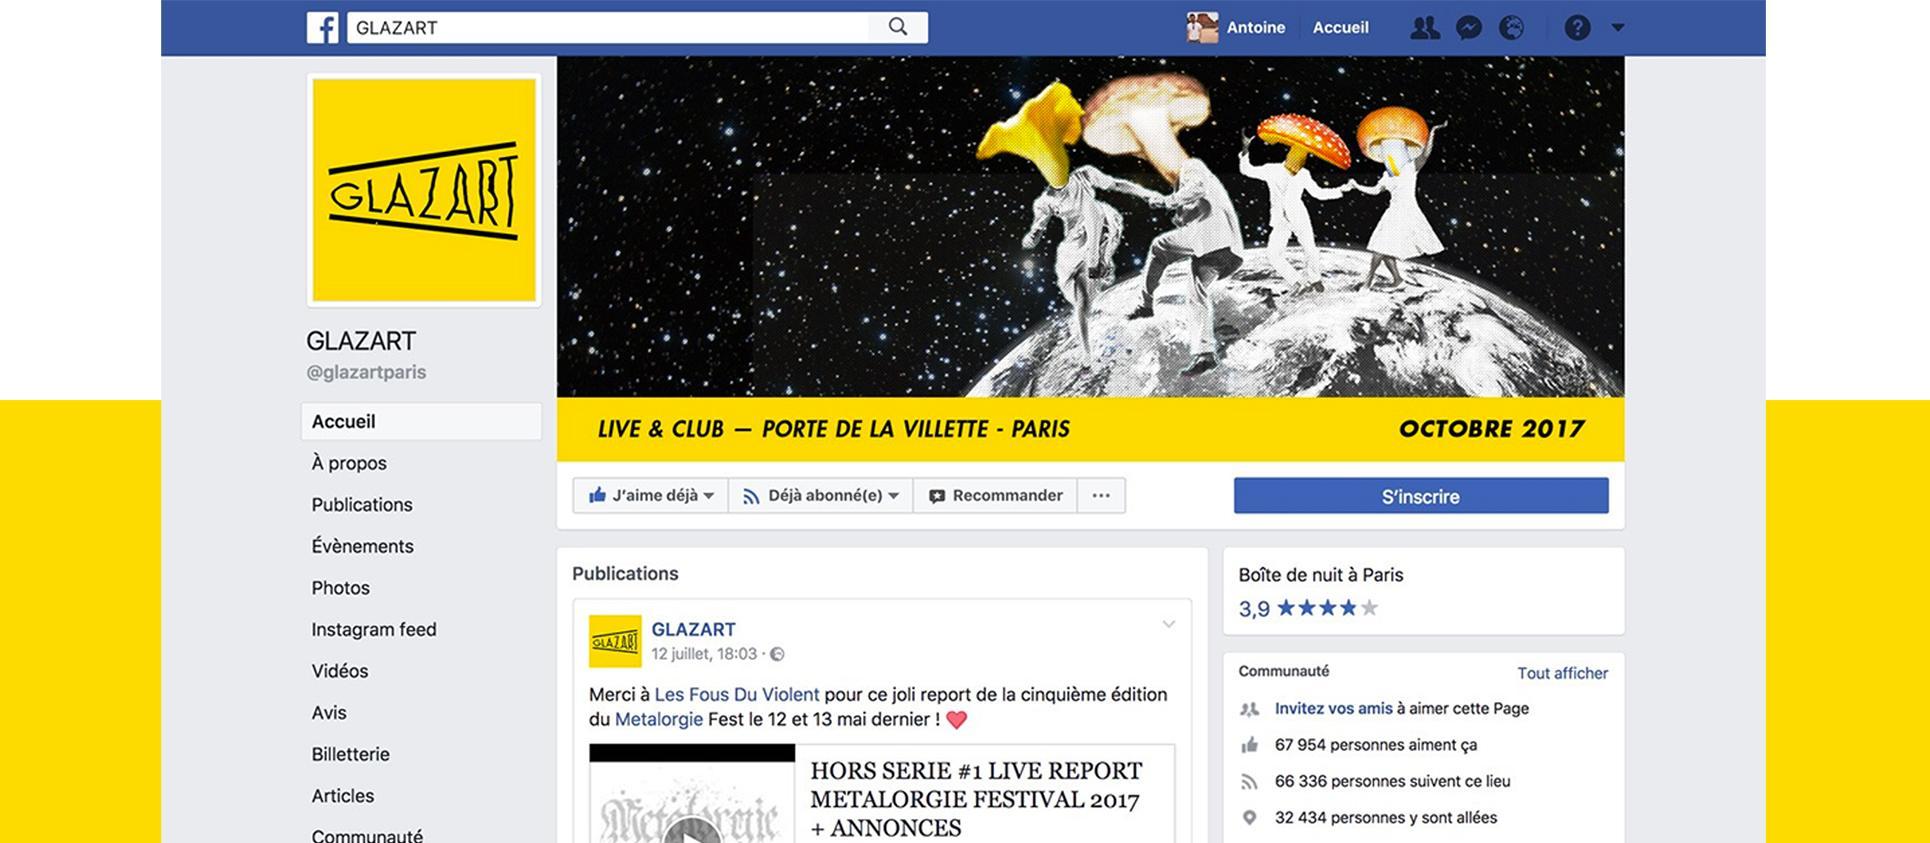 Communication graphique du Glazart - Antoine Peltier et Juline Labriet - 3